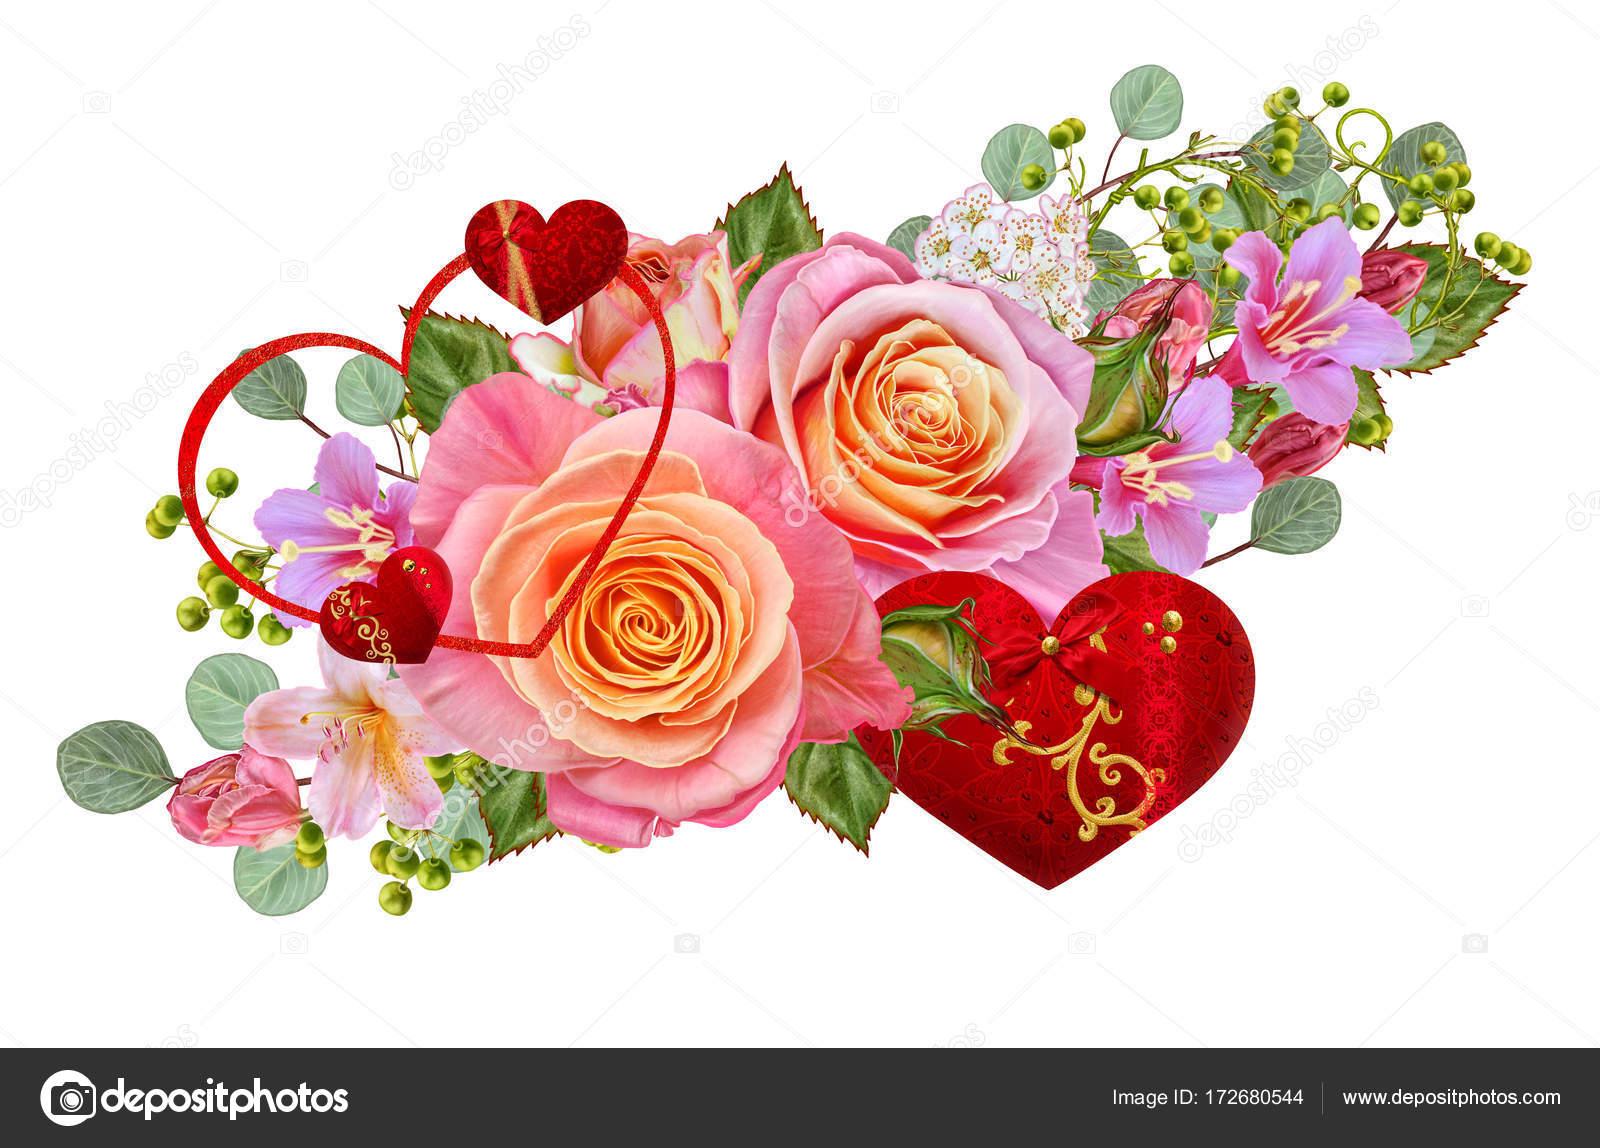 Открытка с благодарностью цветы и ягоды в букете 72